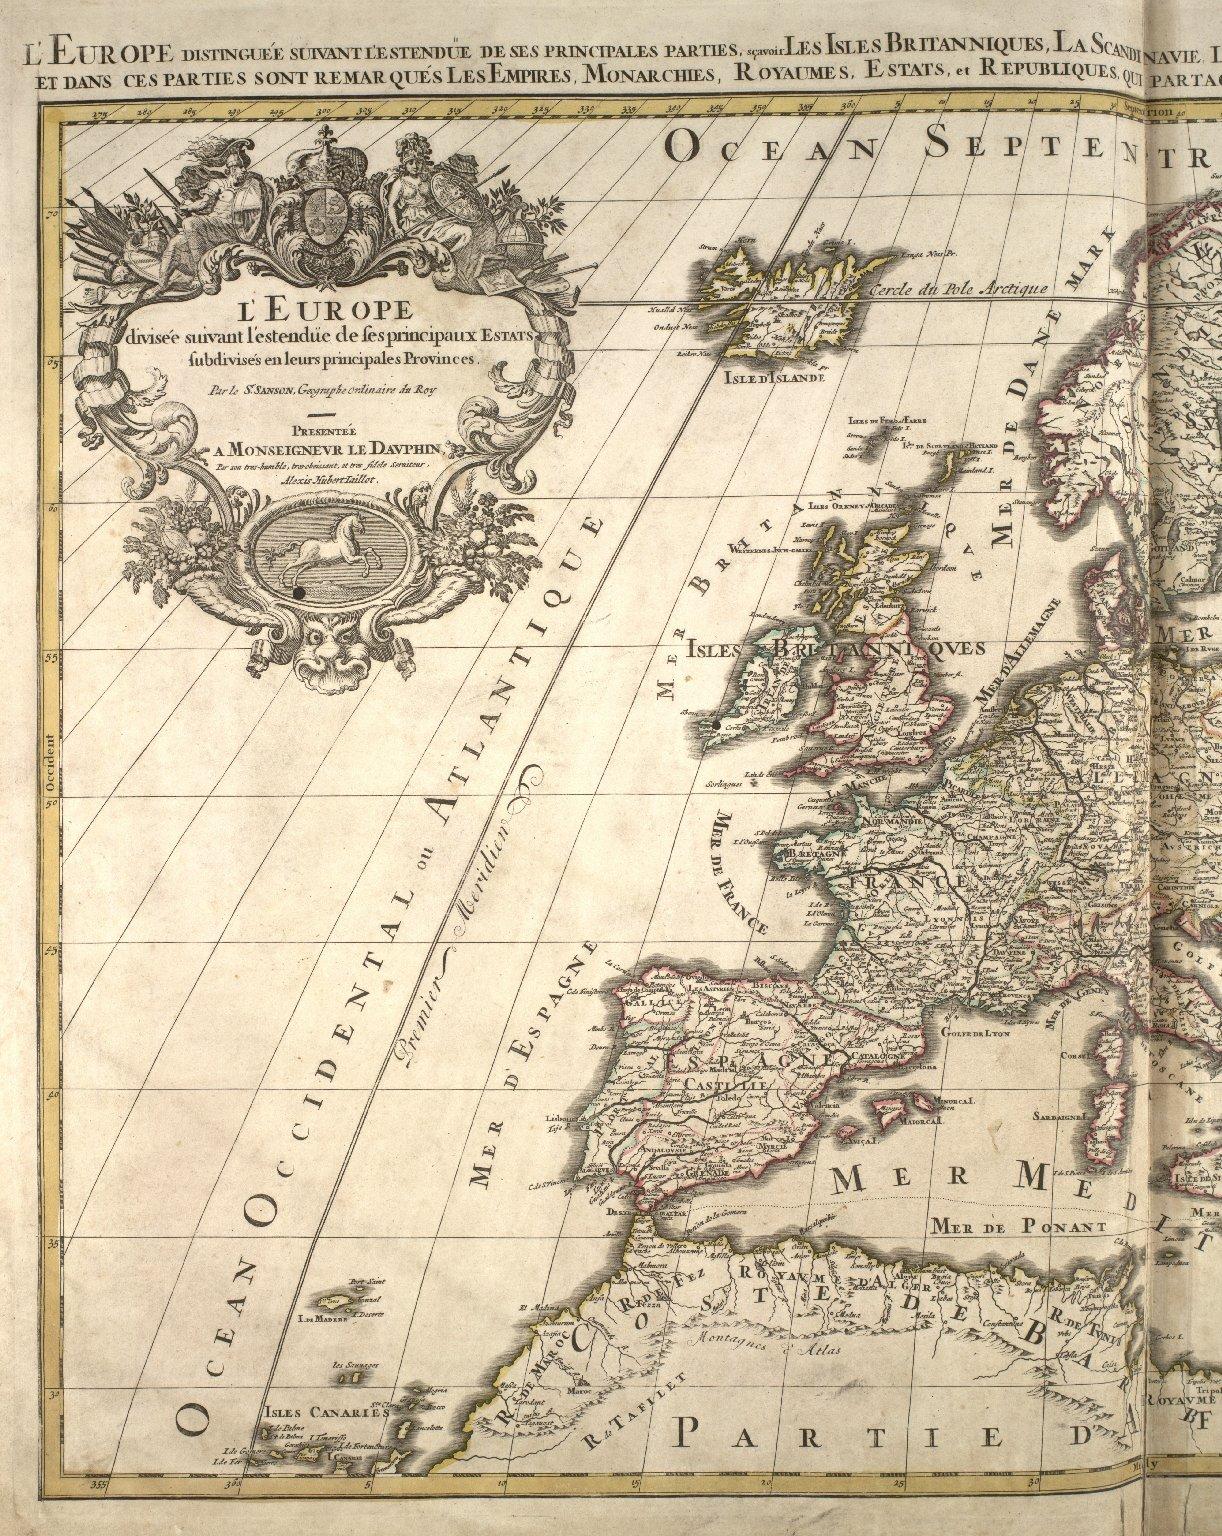 L'Europe divisée suivant l'estendue de ses principaux estats subdivisés en leurs principales provinces [1 of 2]